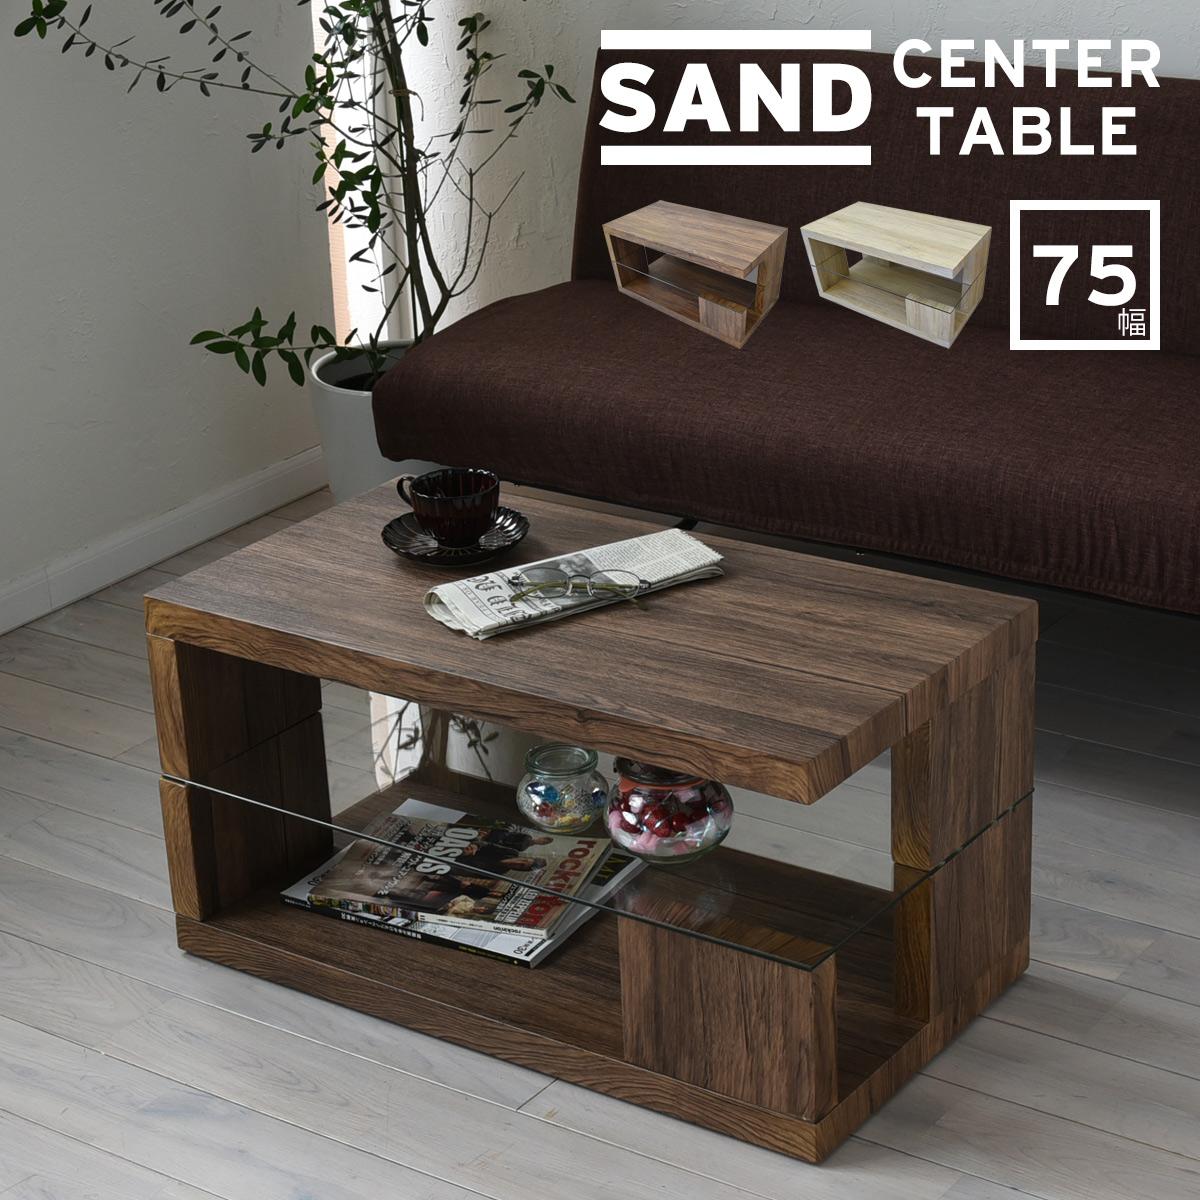 センターテーブル ローテーブル リビングテーブル リビング 机 収納 北欧 ガラス 強化 居間 四角 幅80 古材風 ヴィンテージ